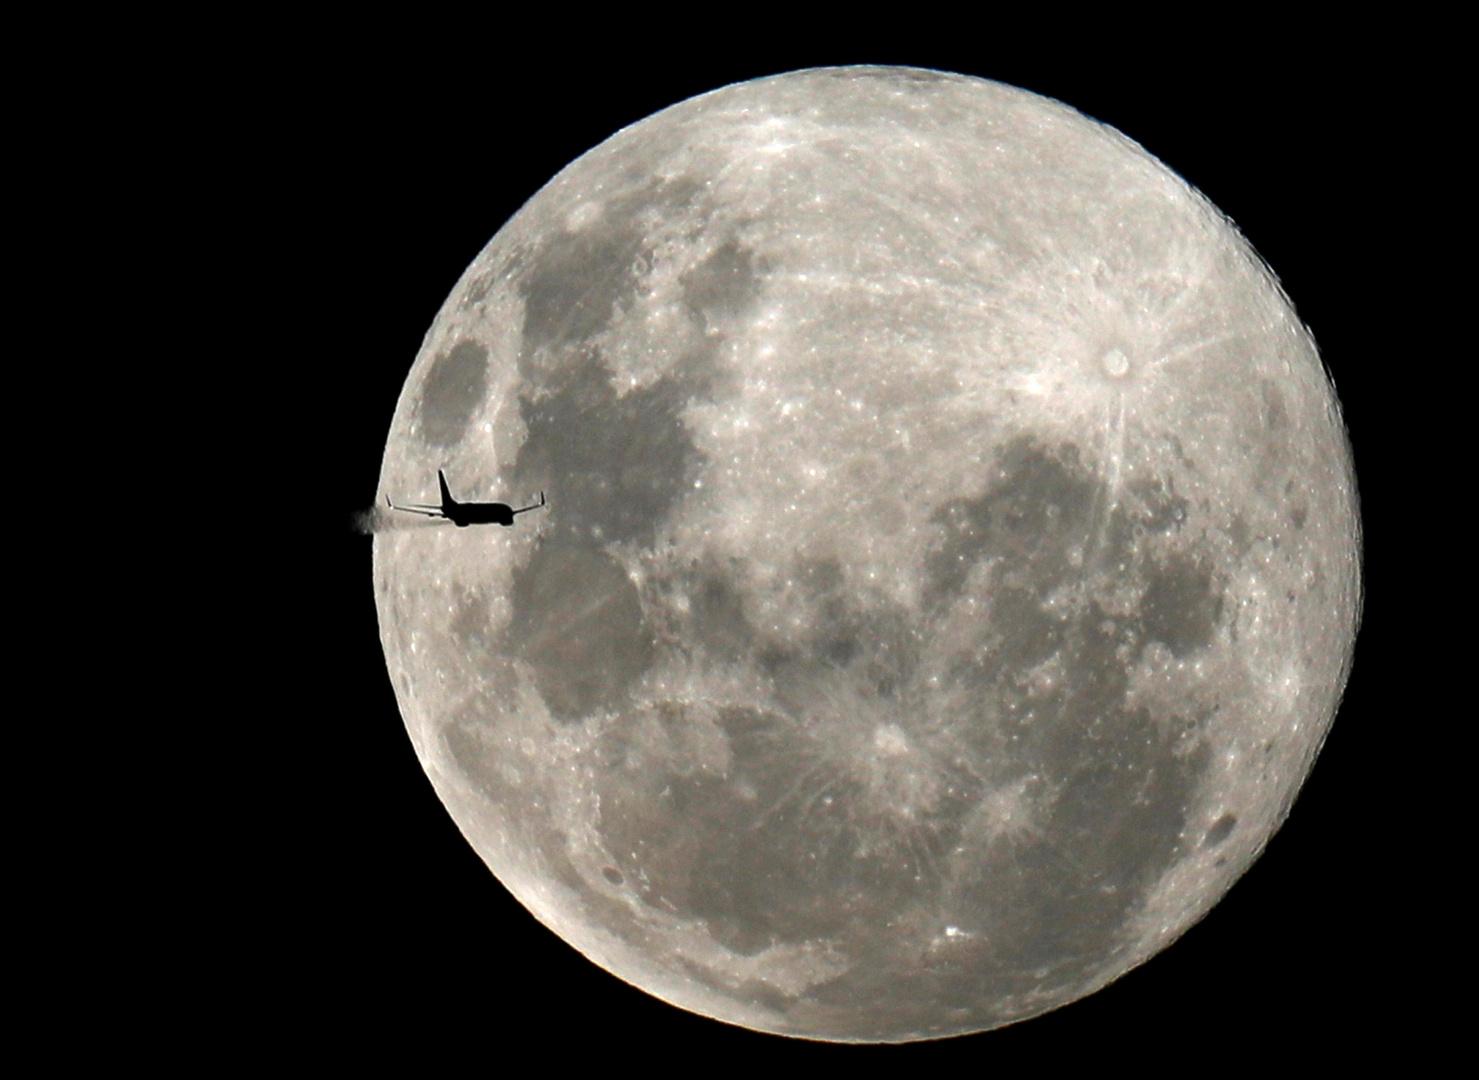 هيمنة مدارية: البنتاغون يحتل الفضاء القريب